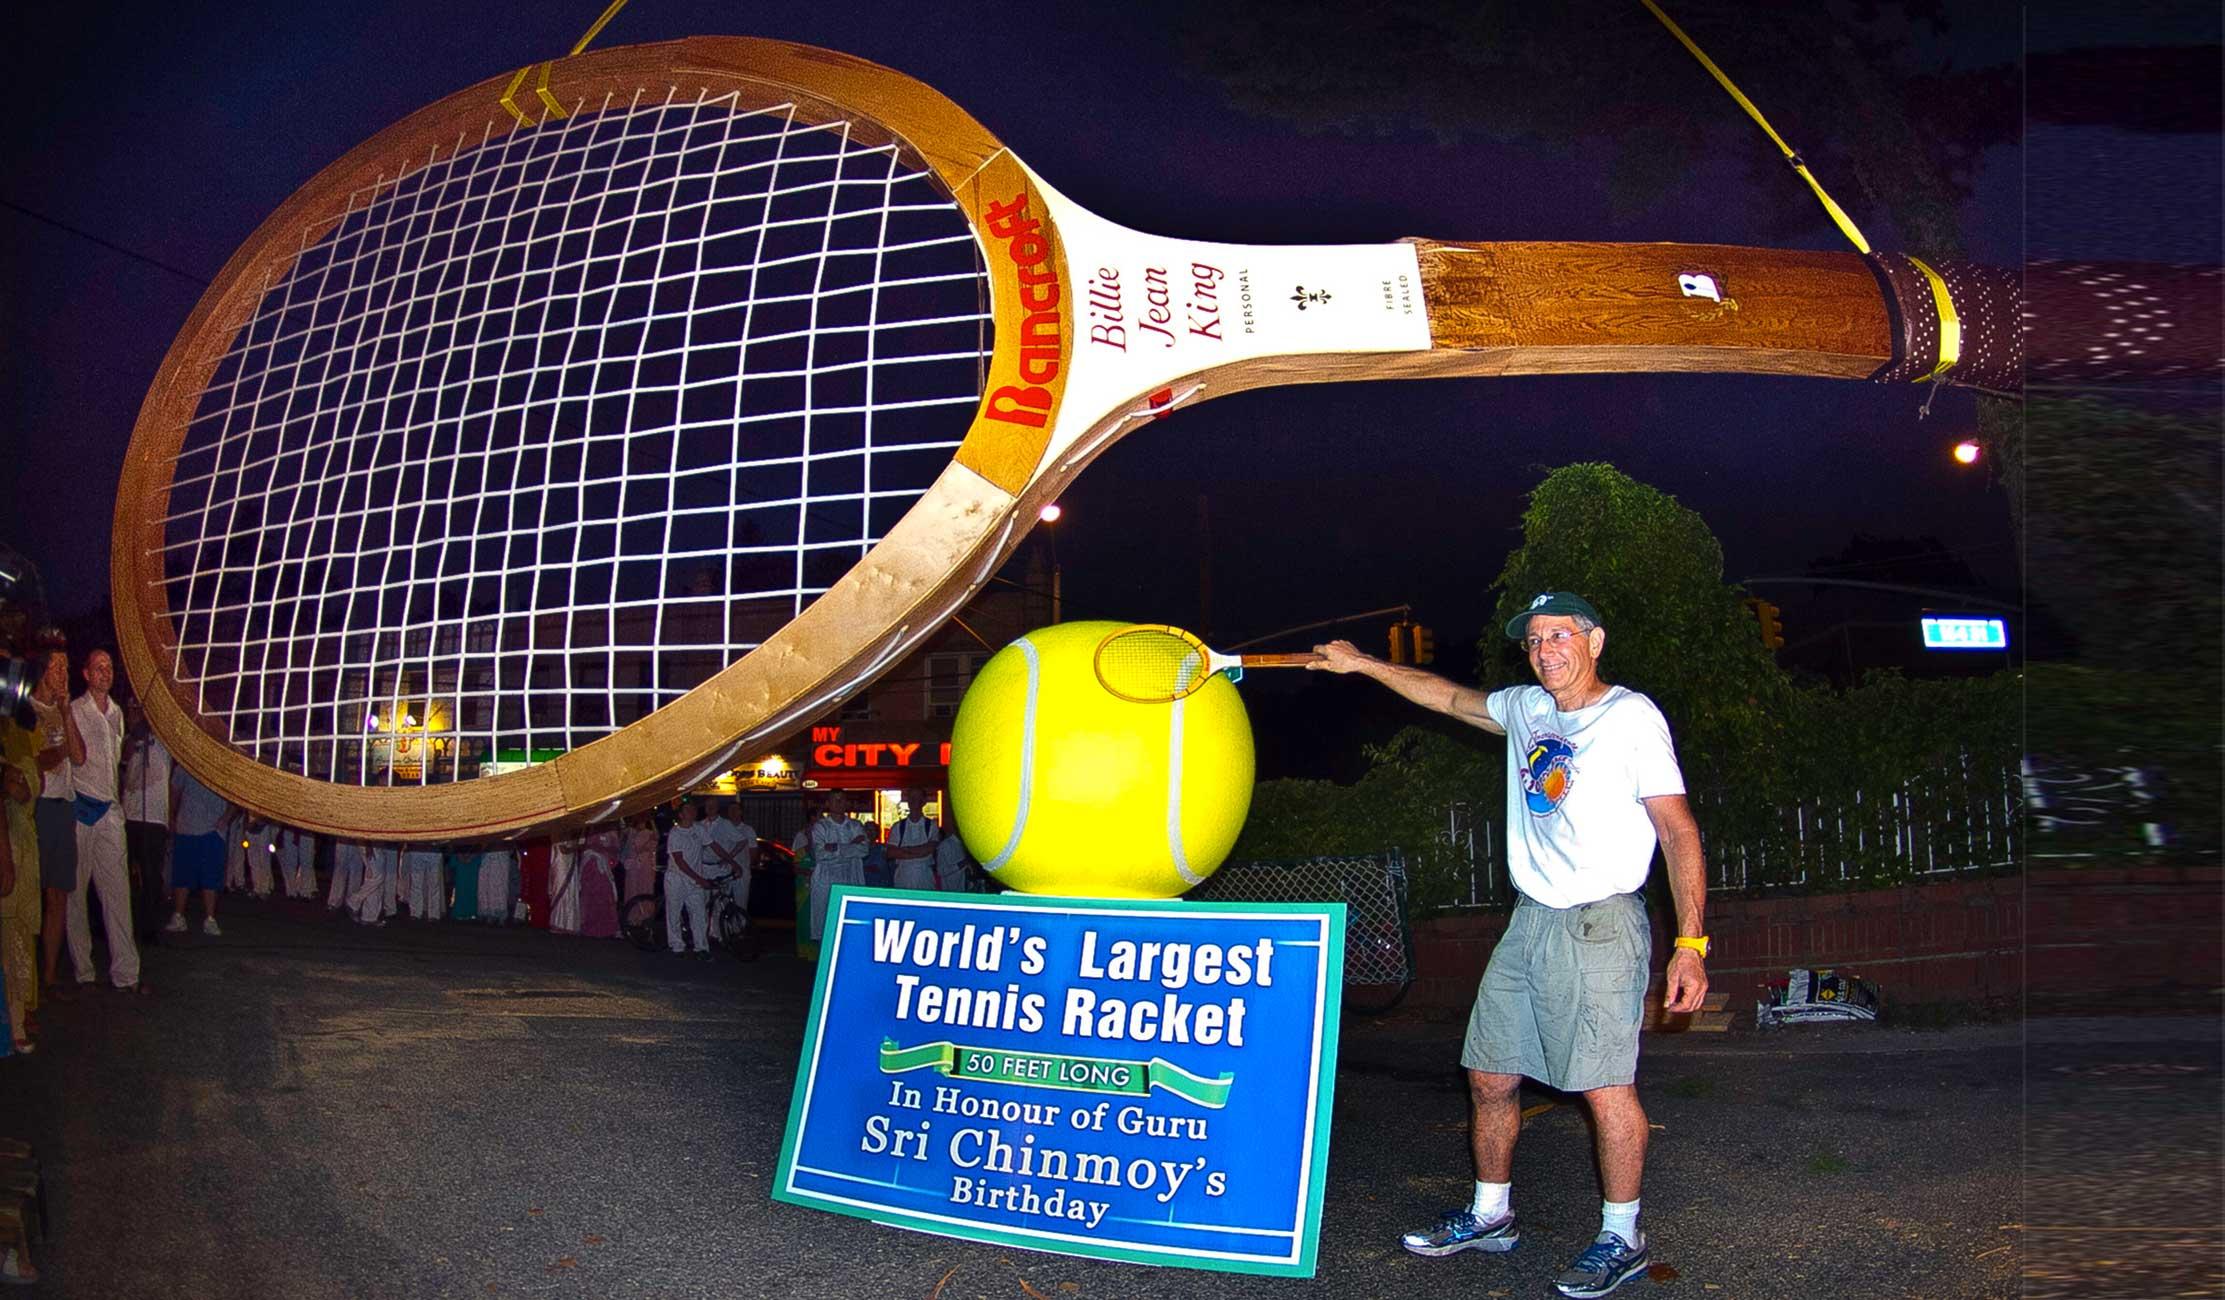 Największa rakieta tenisowa naświecie